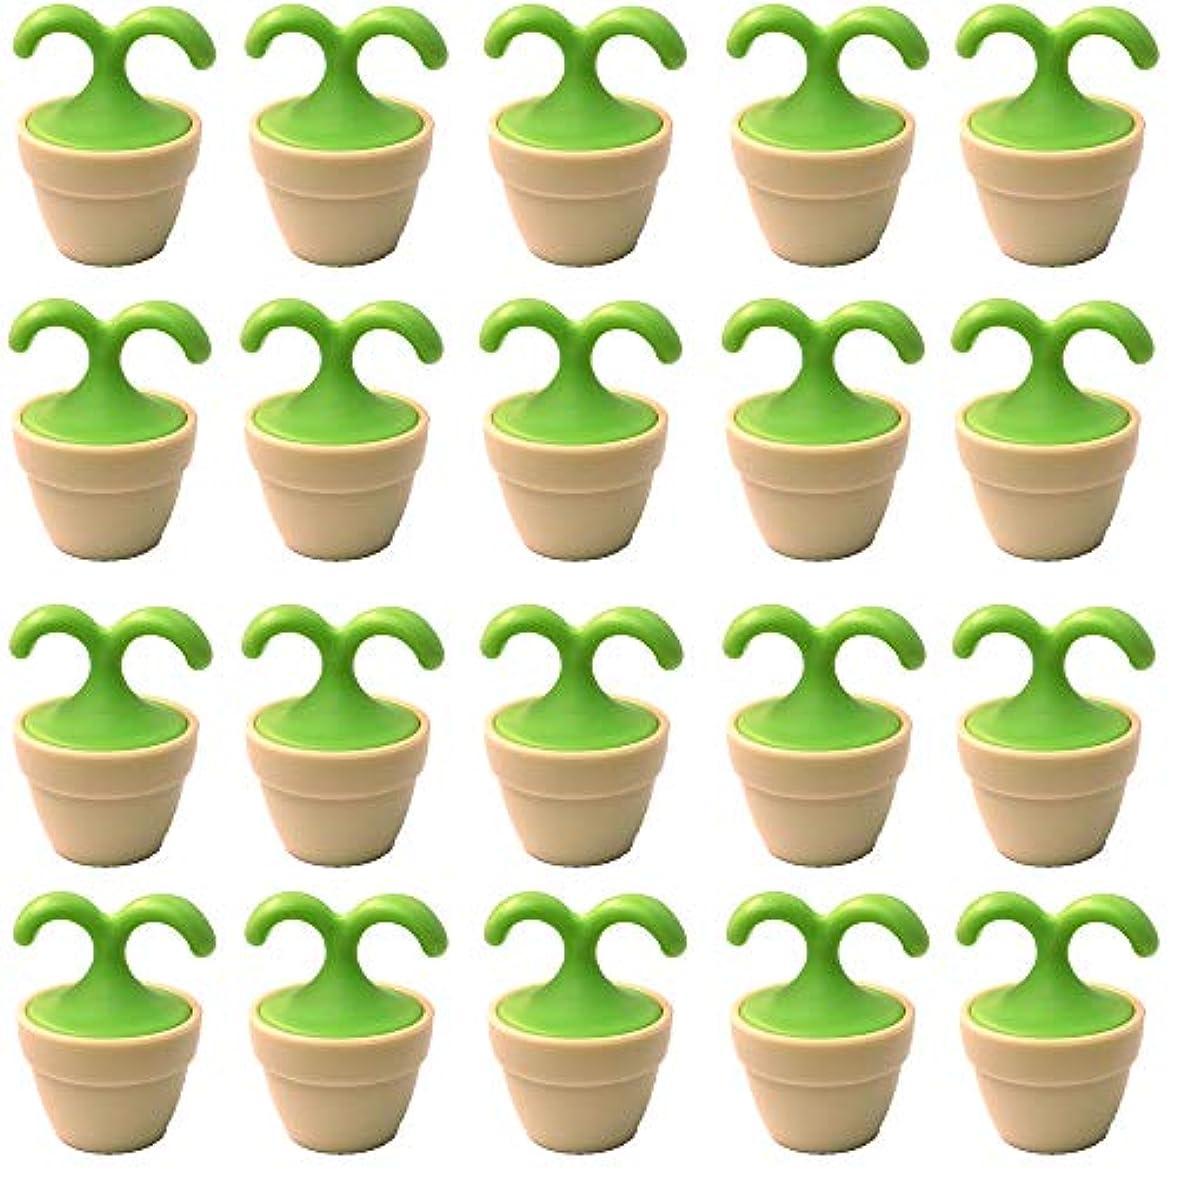 支配的サンダルセールスマン植木鉢コロコロマッサージャー 20個入り 退職転勤お礼プチギフト 専用ボックス入りラッピング サンキューシール付き(20個入り)